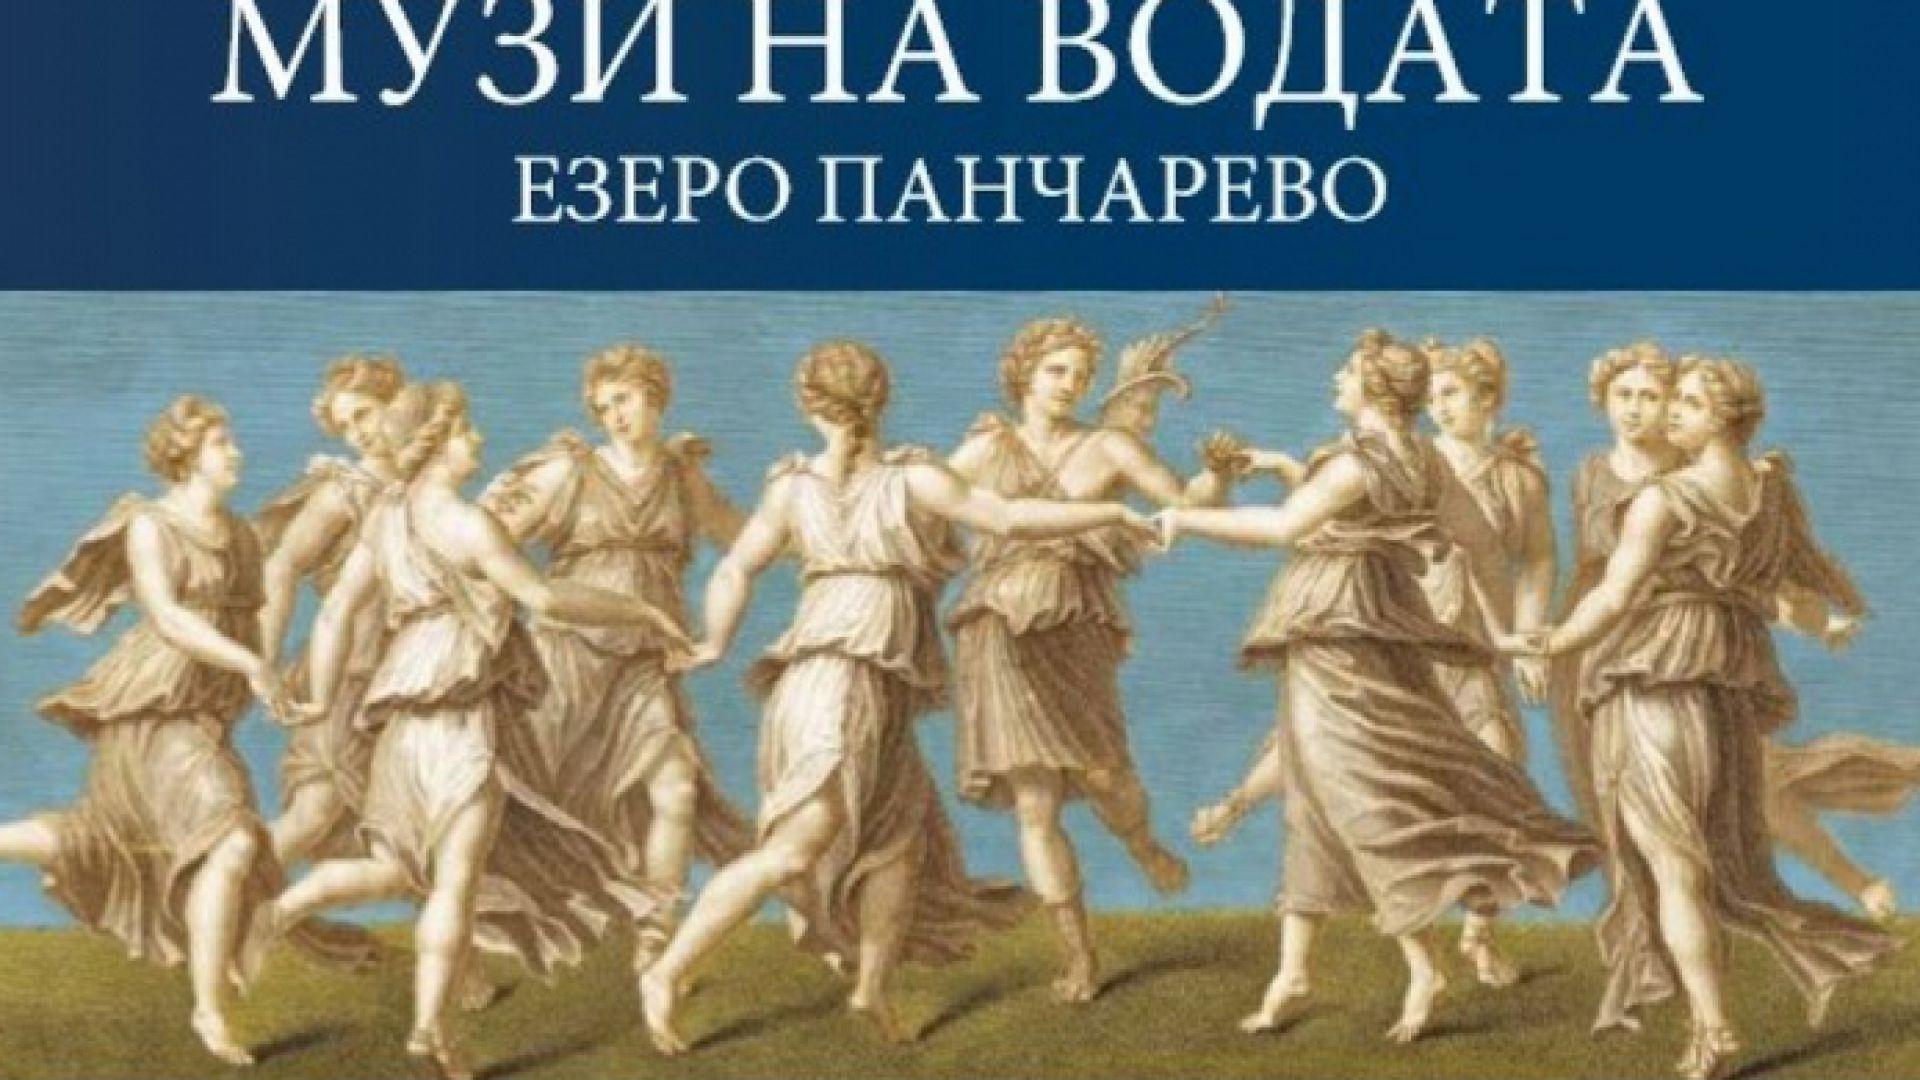 Опера на езерото Панчарево и в киноцентъра в Бояна